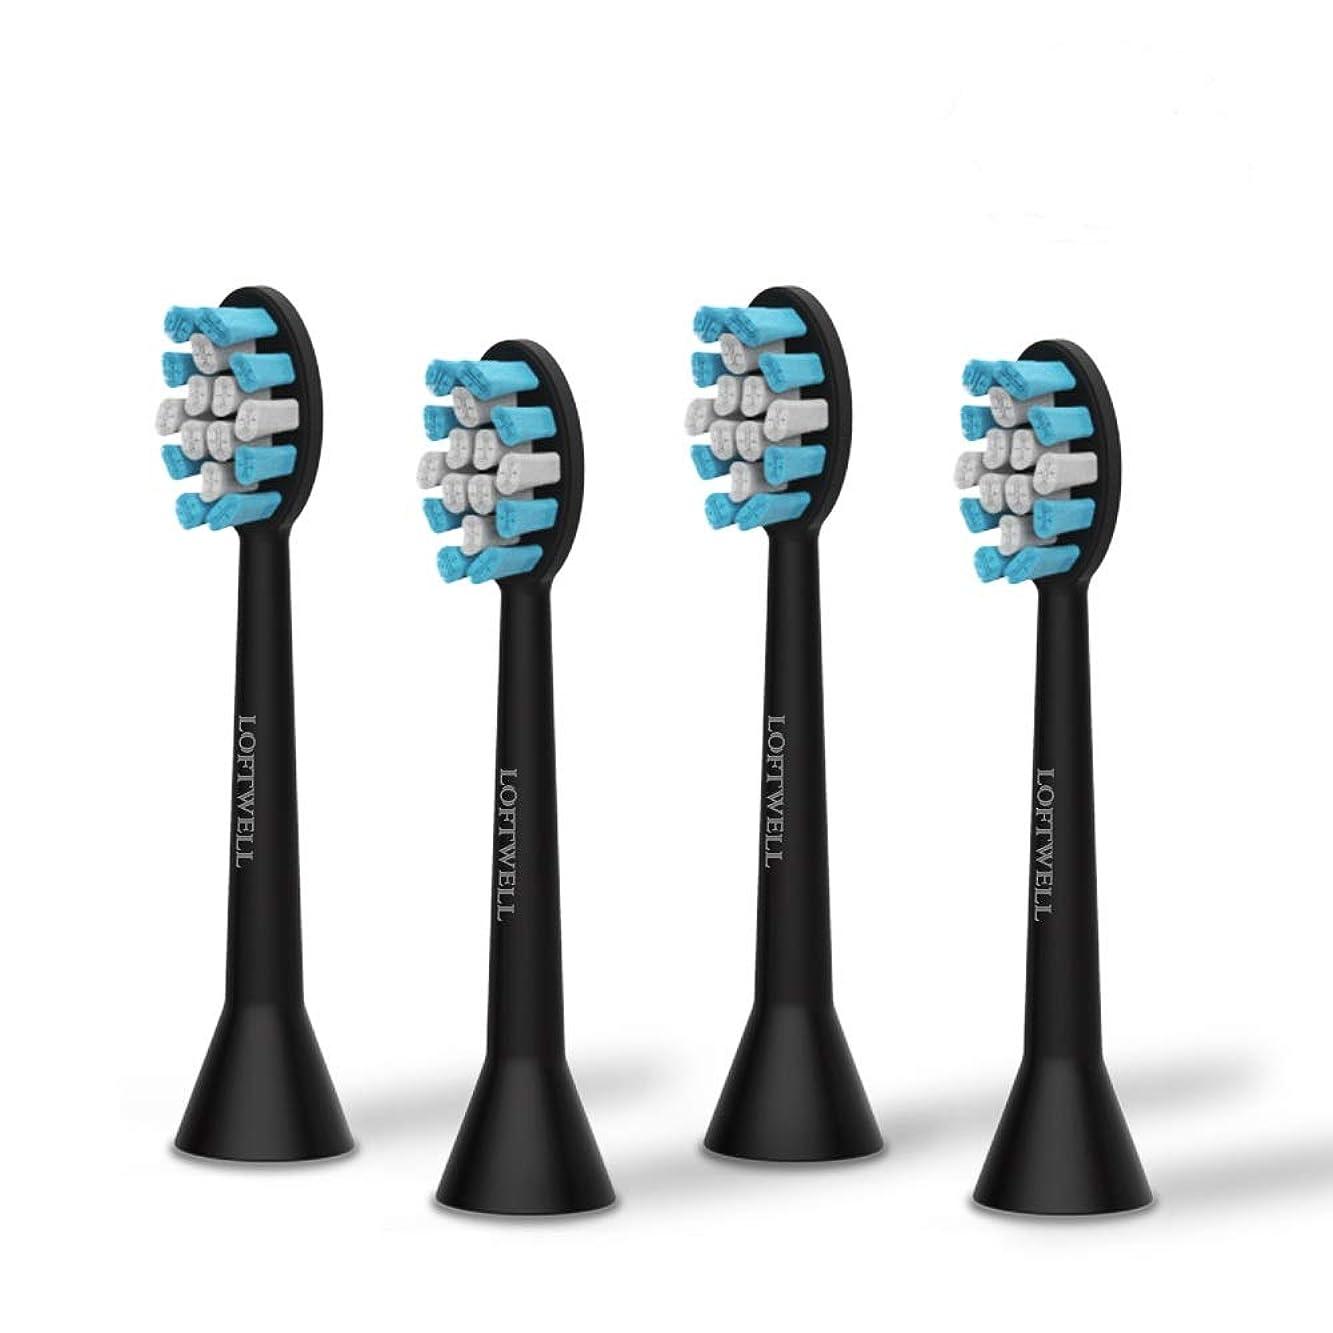 昆虫を見る残り物領収書loftwell 電動歯ブラシD5とD9通用替えブラシ 替えブラシ 4本入れ